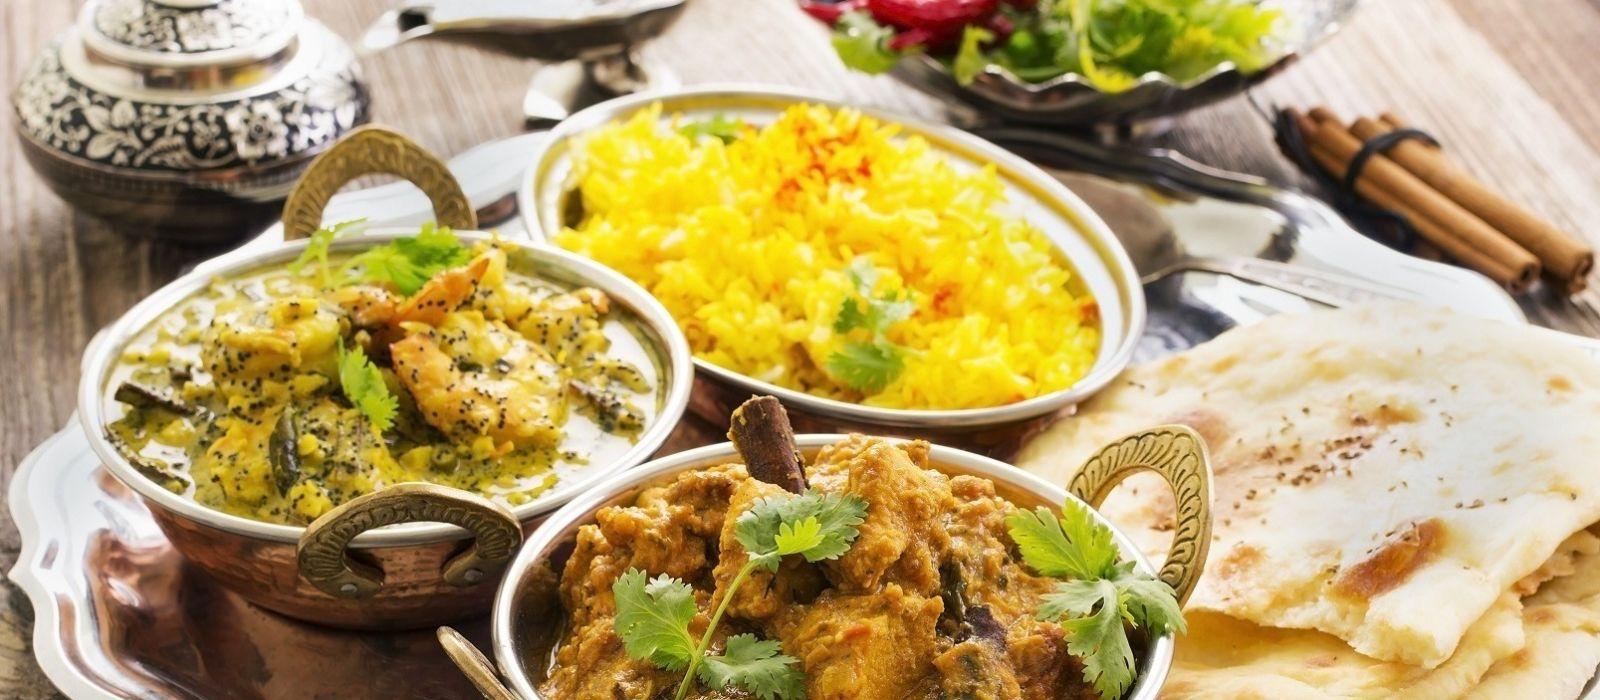 Bezaubernde Nordindien Reise – klassisch & komfortabel Urlaub 3